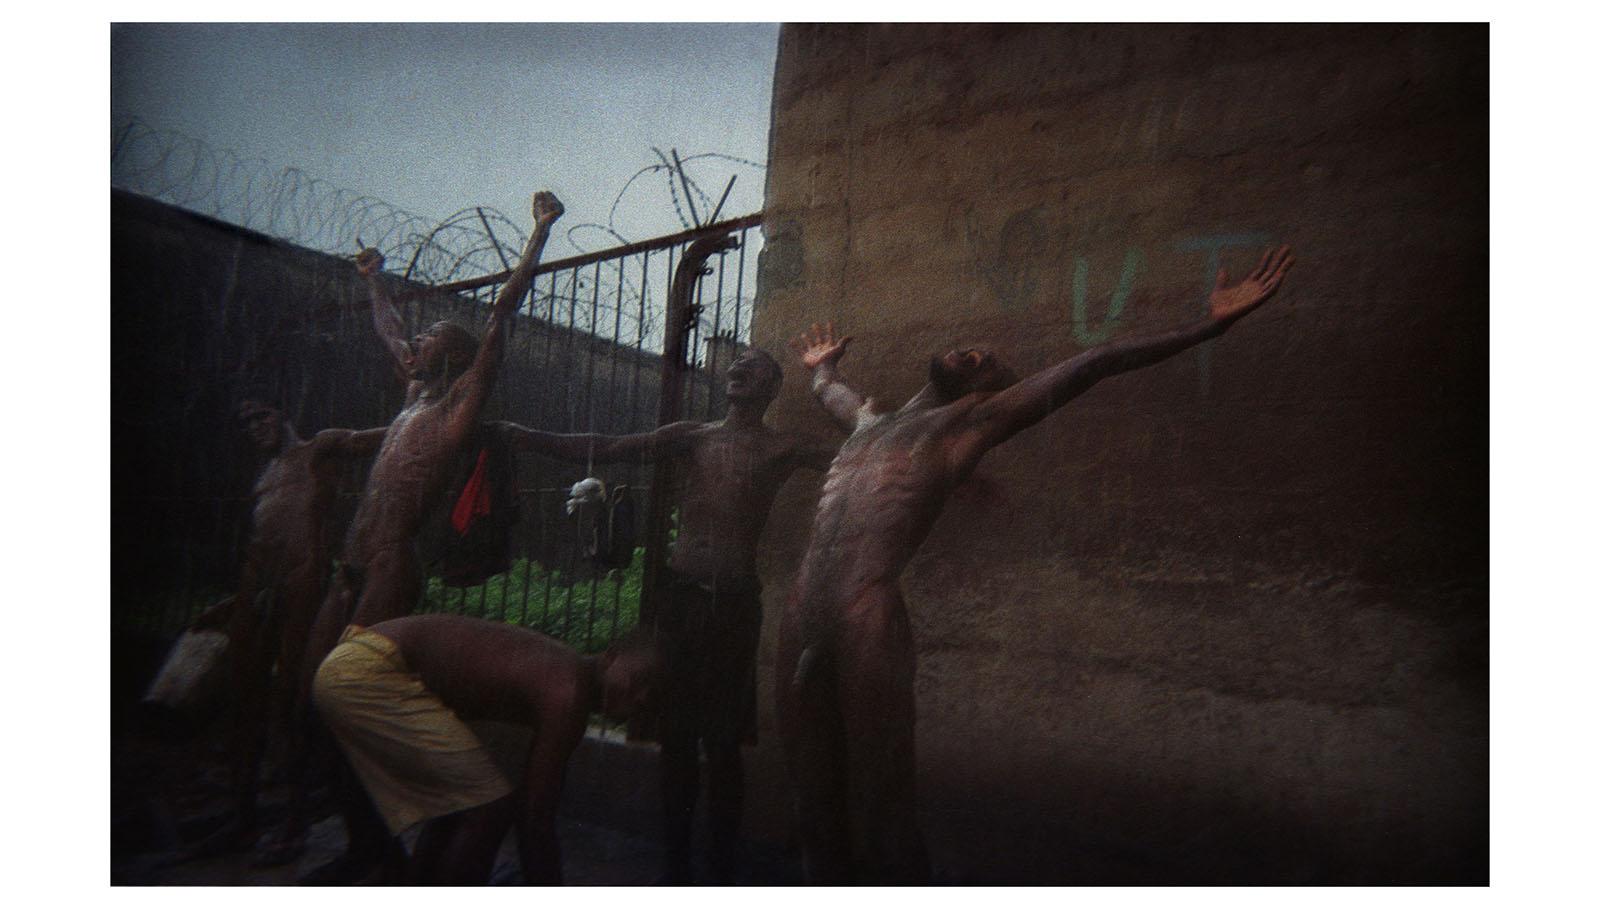 Uno de los principales problemas en las prisiones africanas es la falta de agua corriente. En ese contexto, el cubo de agua potable se vende a 1000 leones y la temporada de lluvias supone para los presos la posibilidad de lavarse.